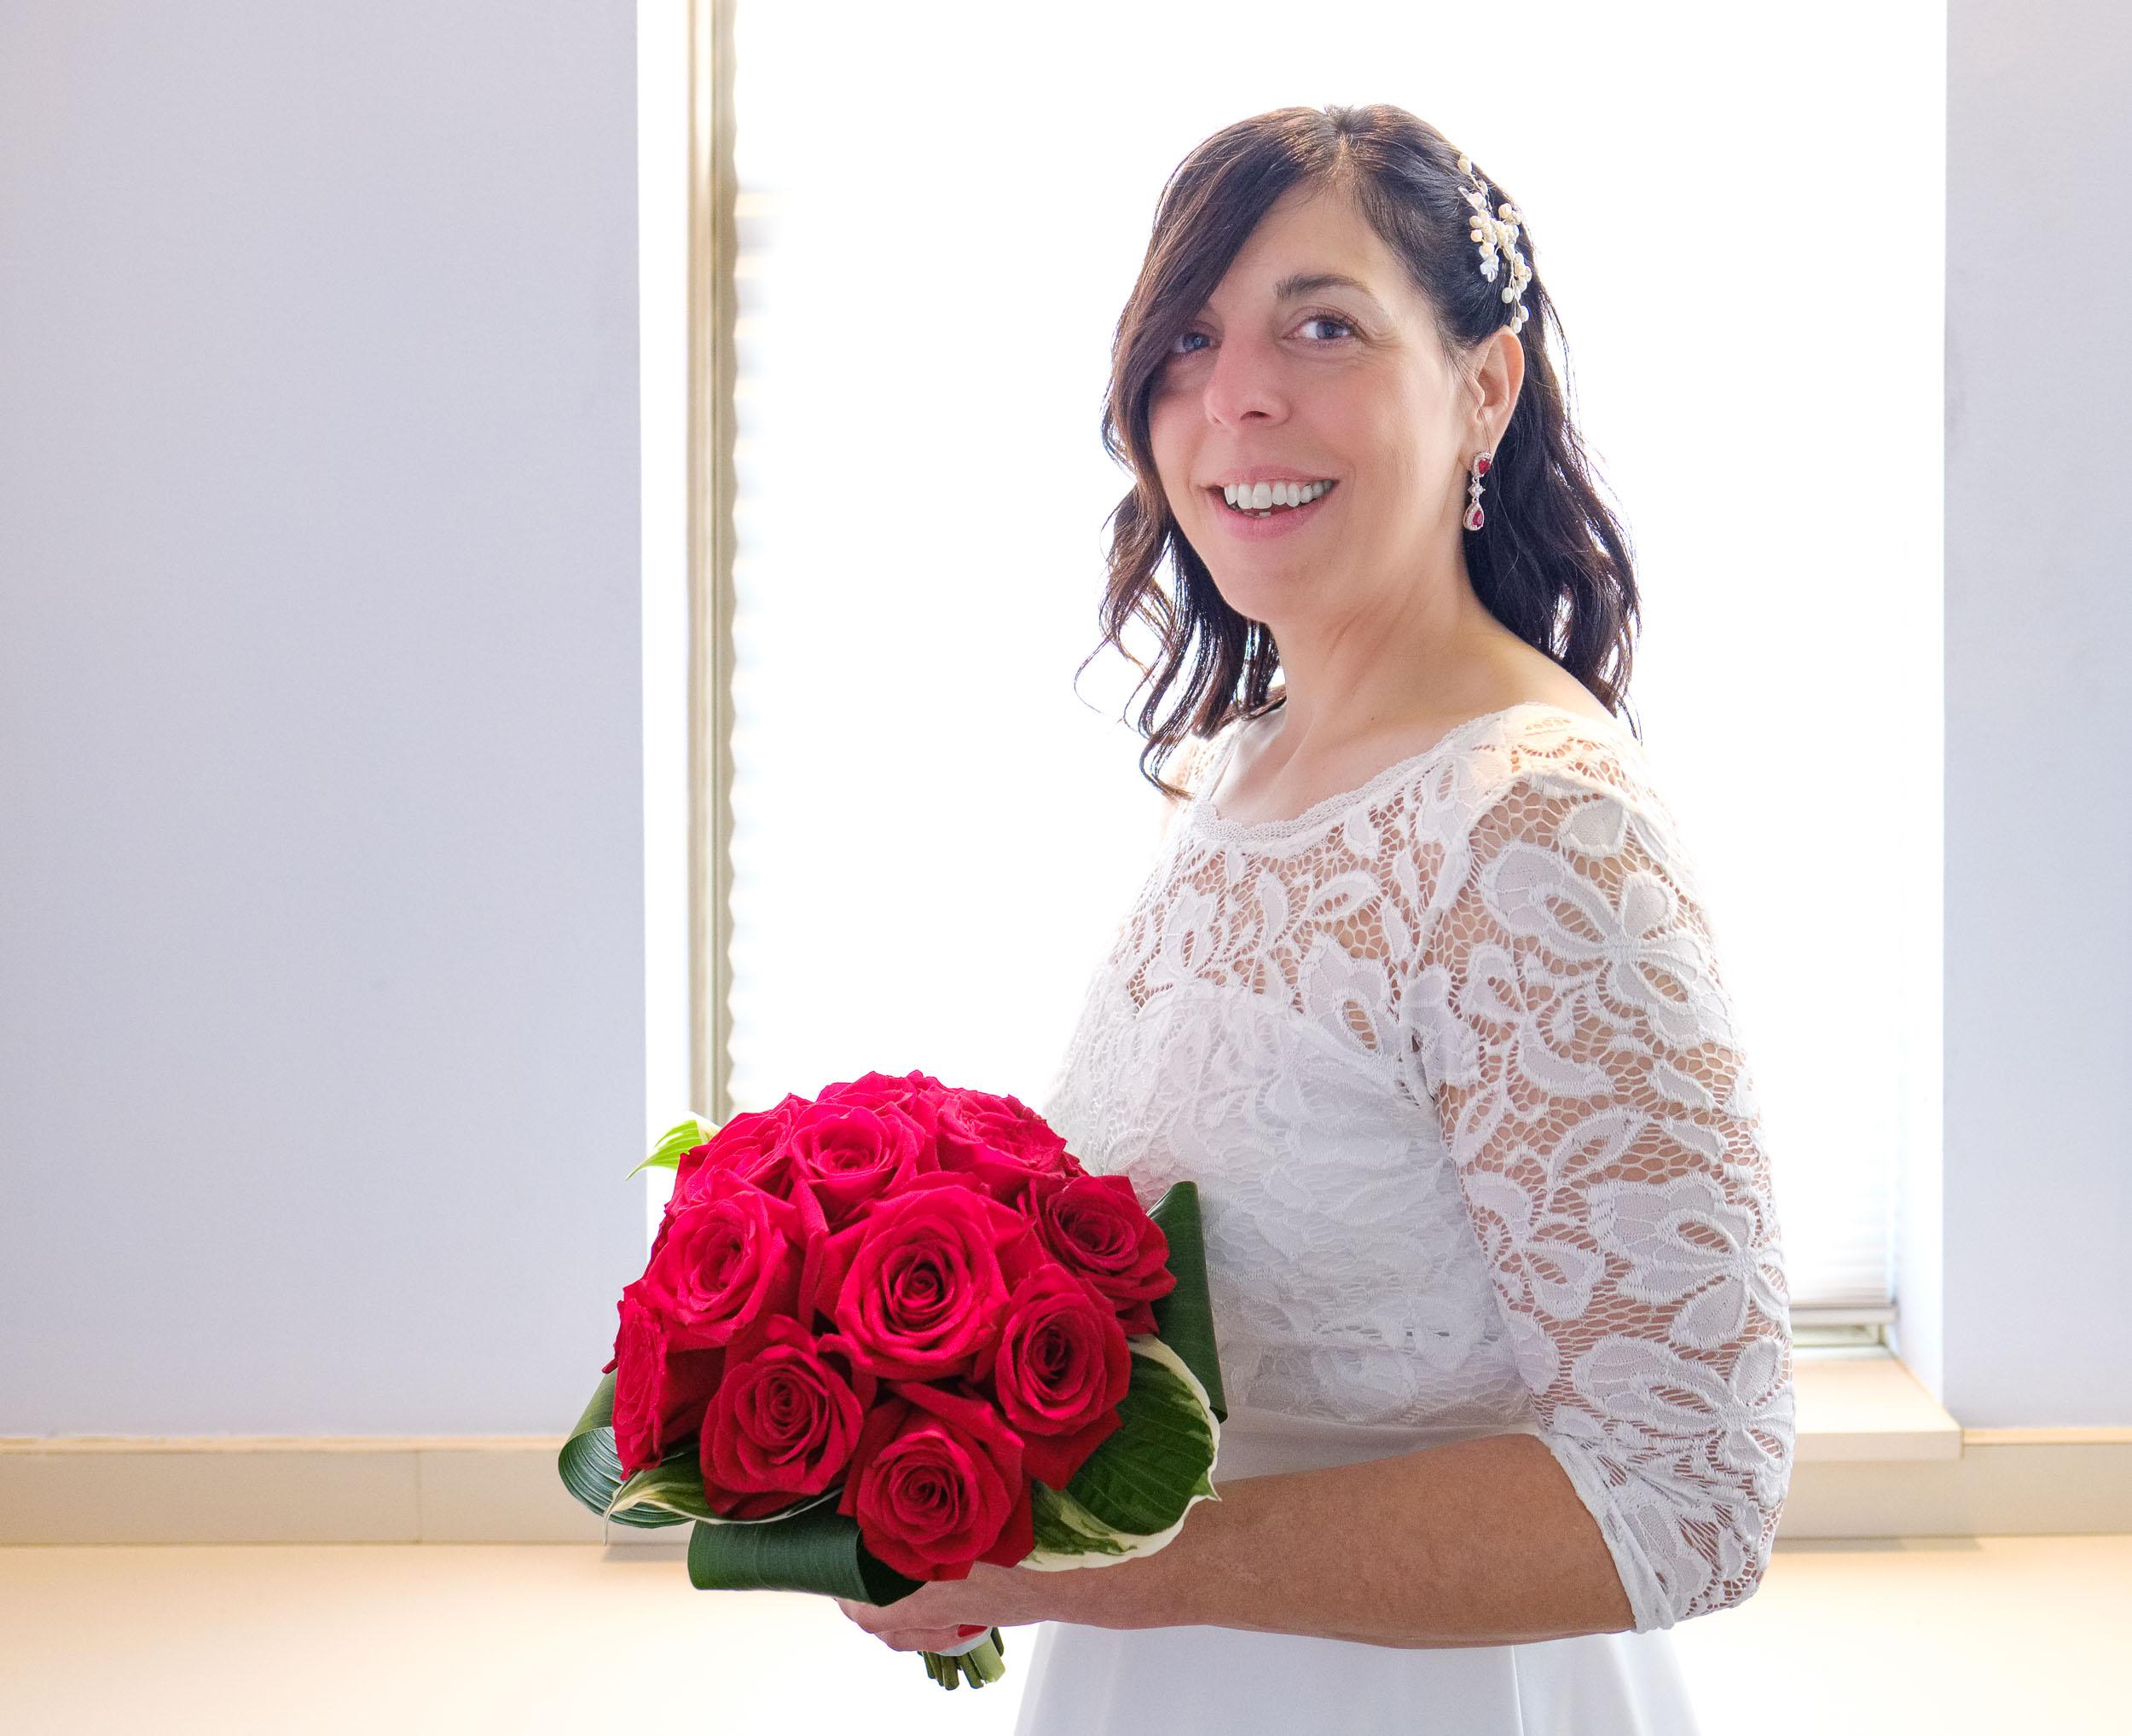 schmidt_wedding-48.jpg